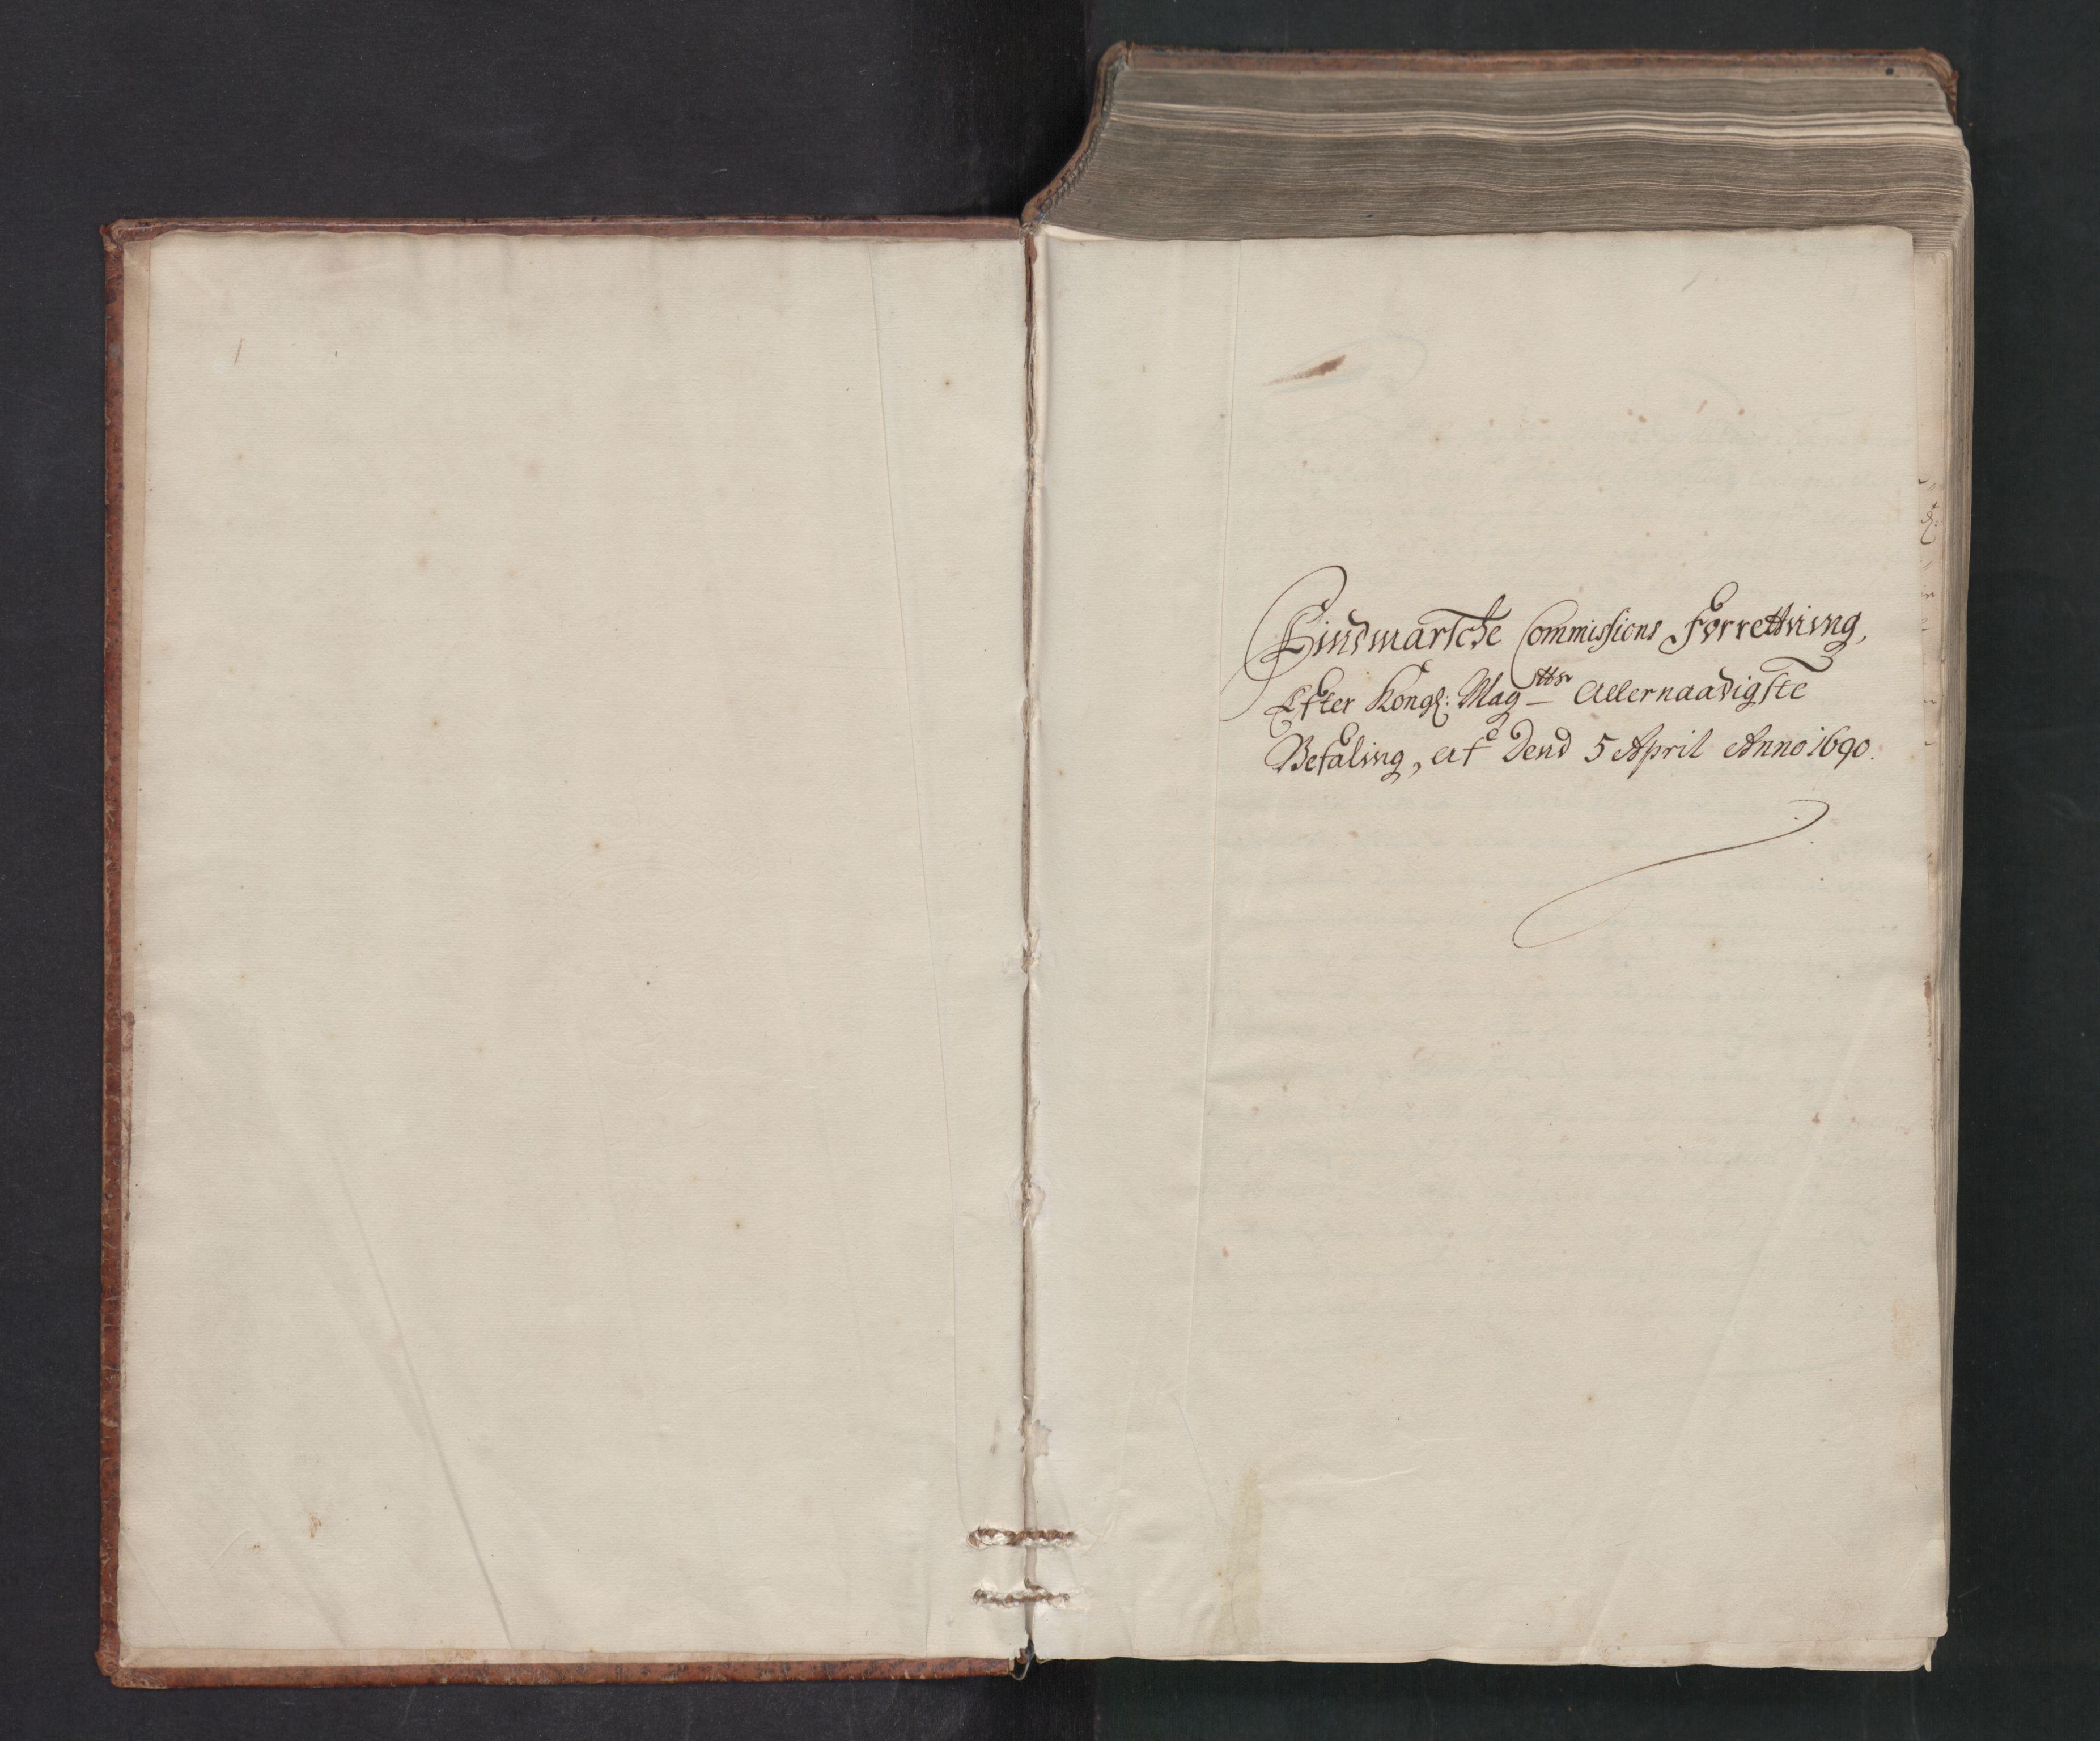 RA, Danske Kanselli, Skapsaker, F/L0081: Skap 15, pakke 125D, 1690-1691